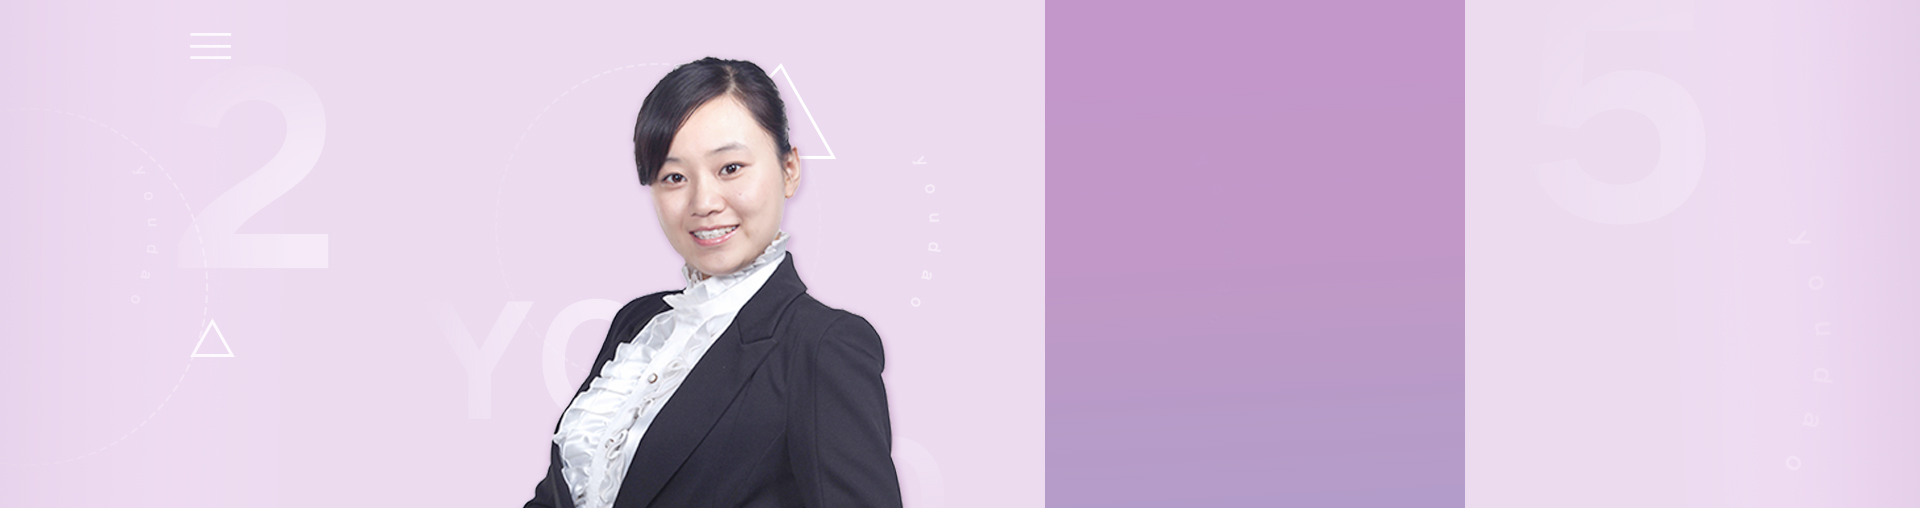 考研英语二真题阅读技巧提升班【录播】